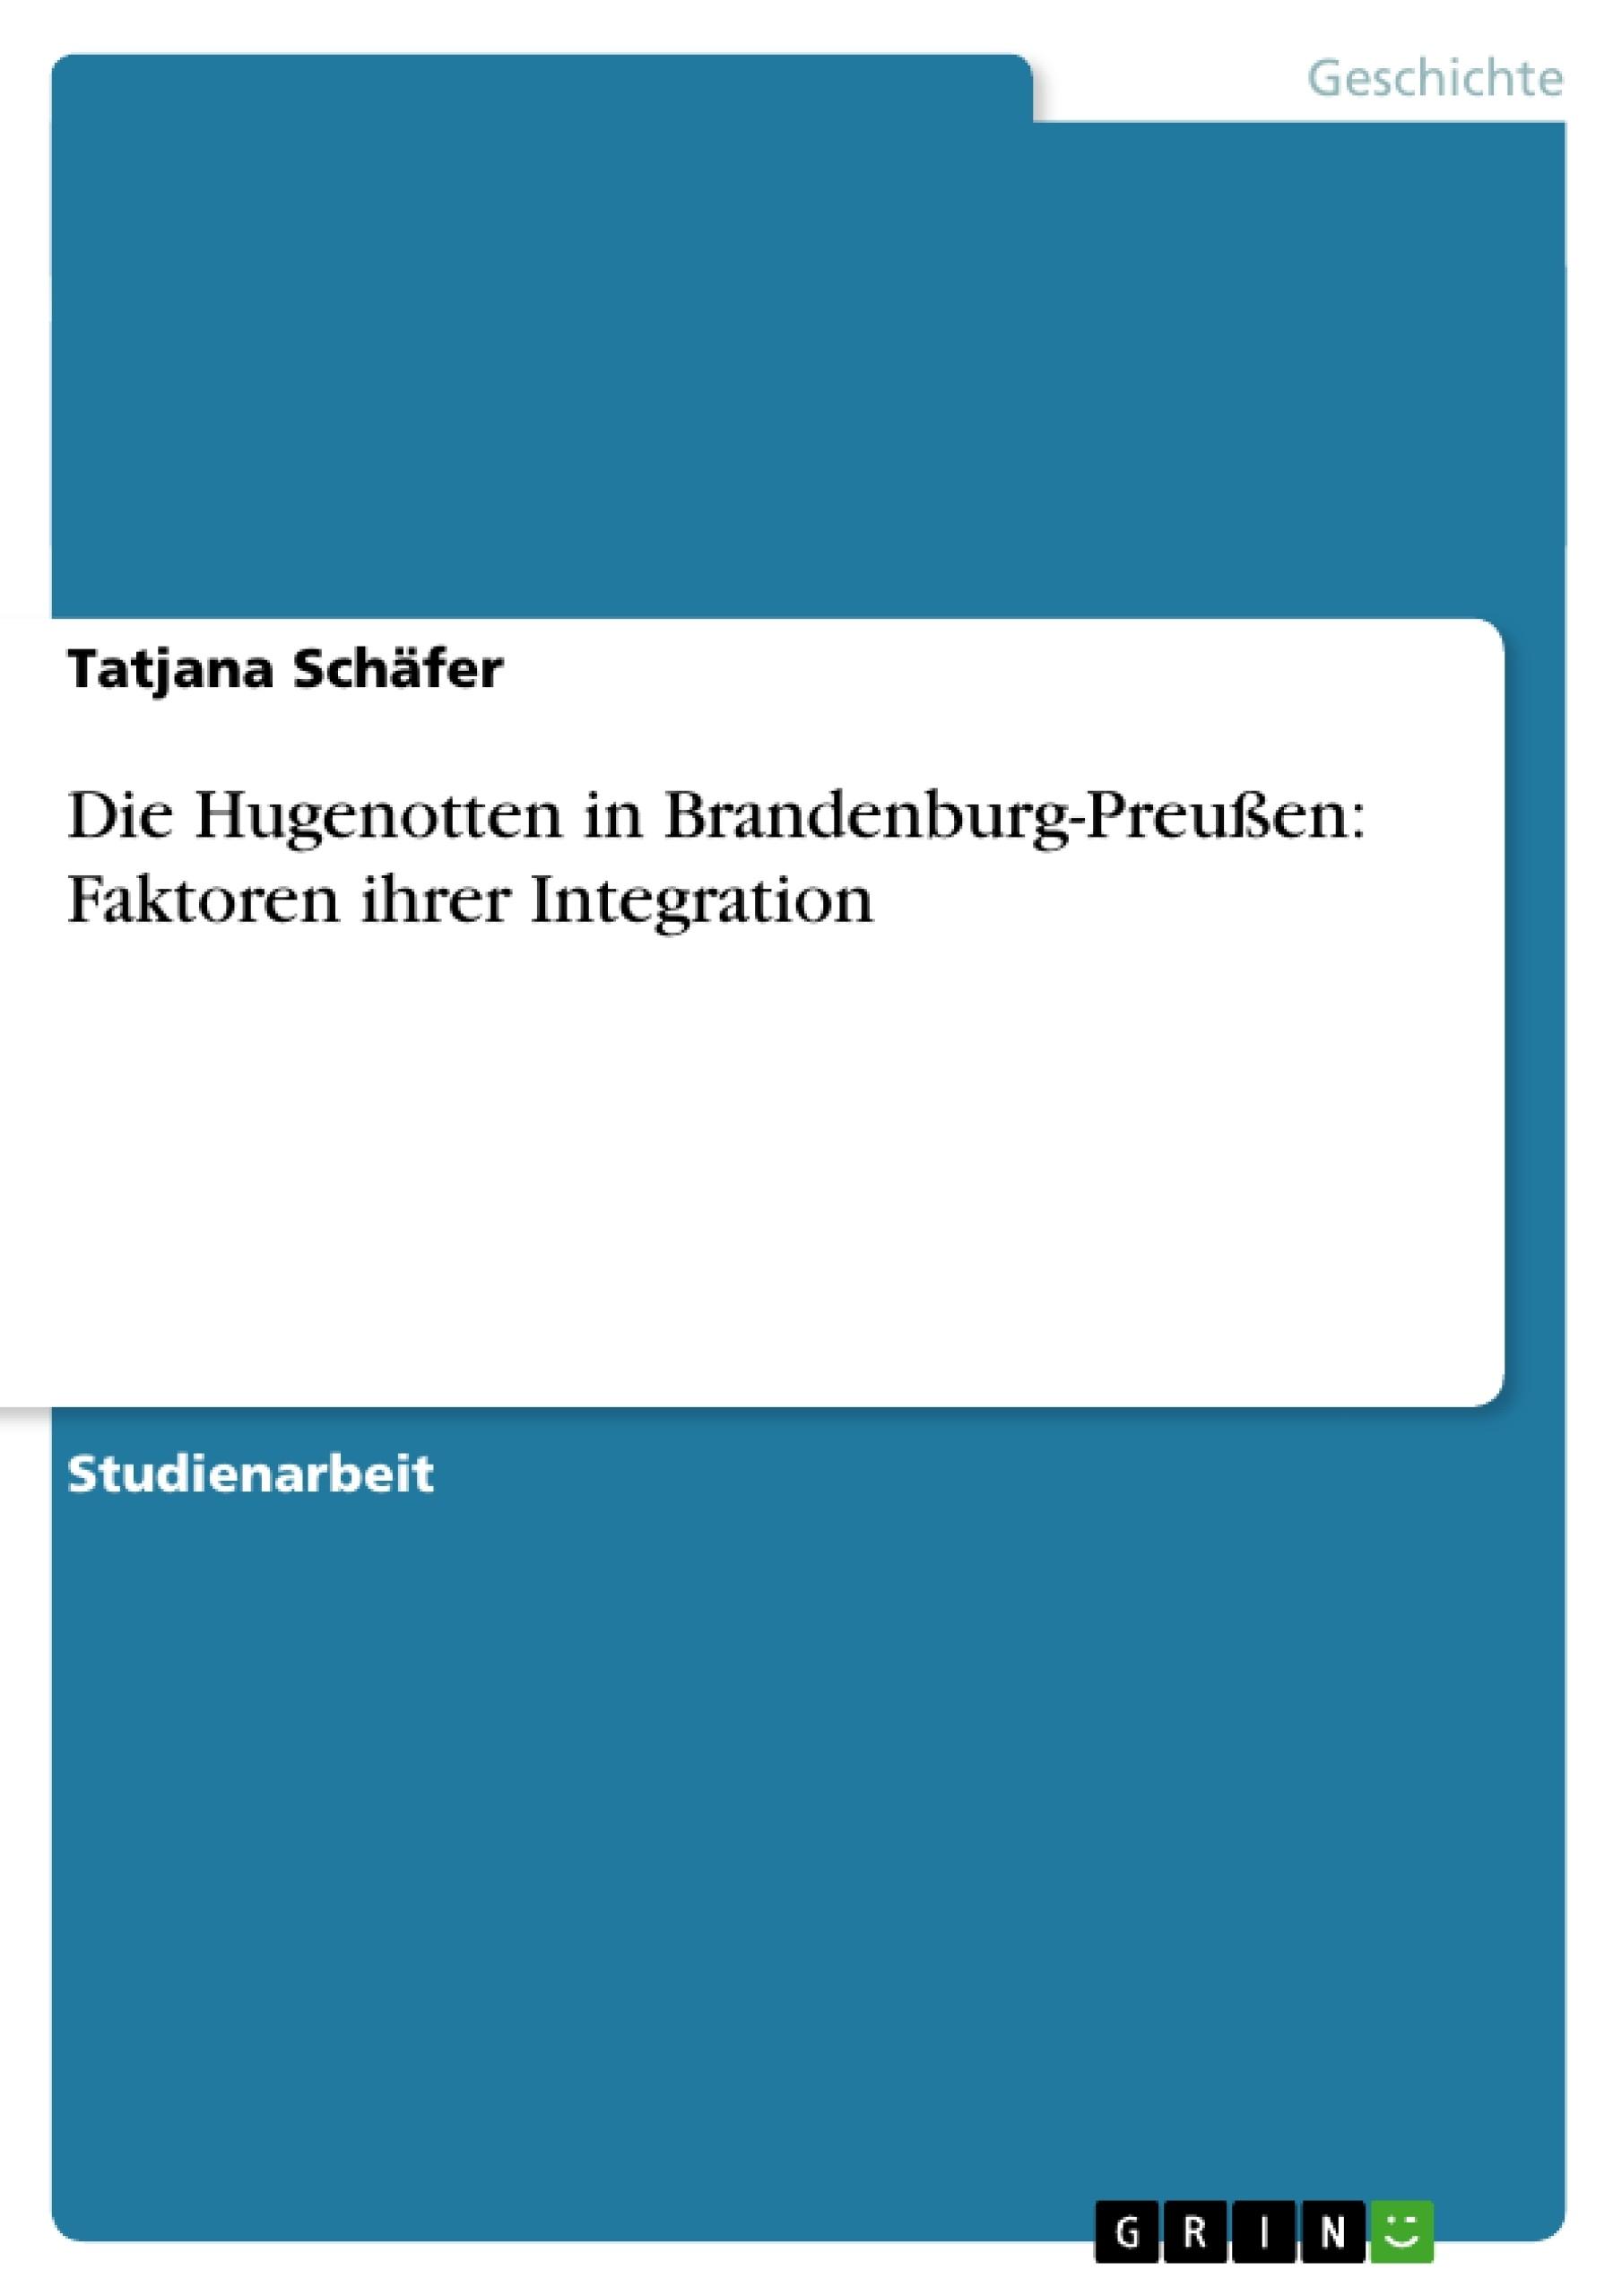 Titel: Die Hugenotten in Brandenburg-Preußen: Faktoren ihrer Integration